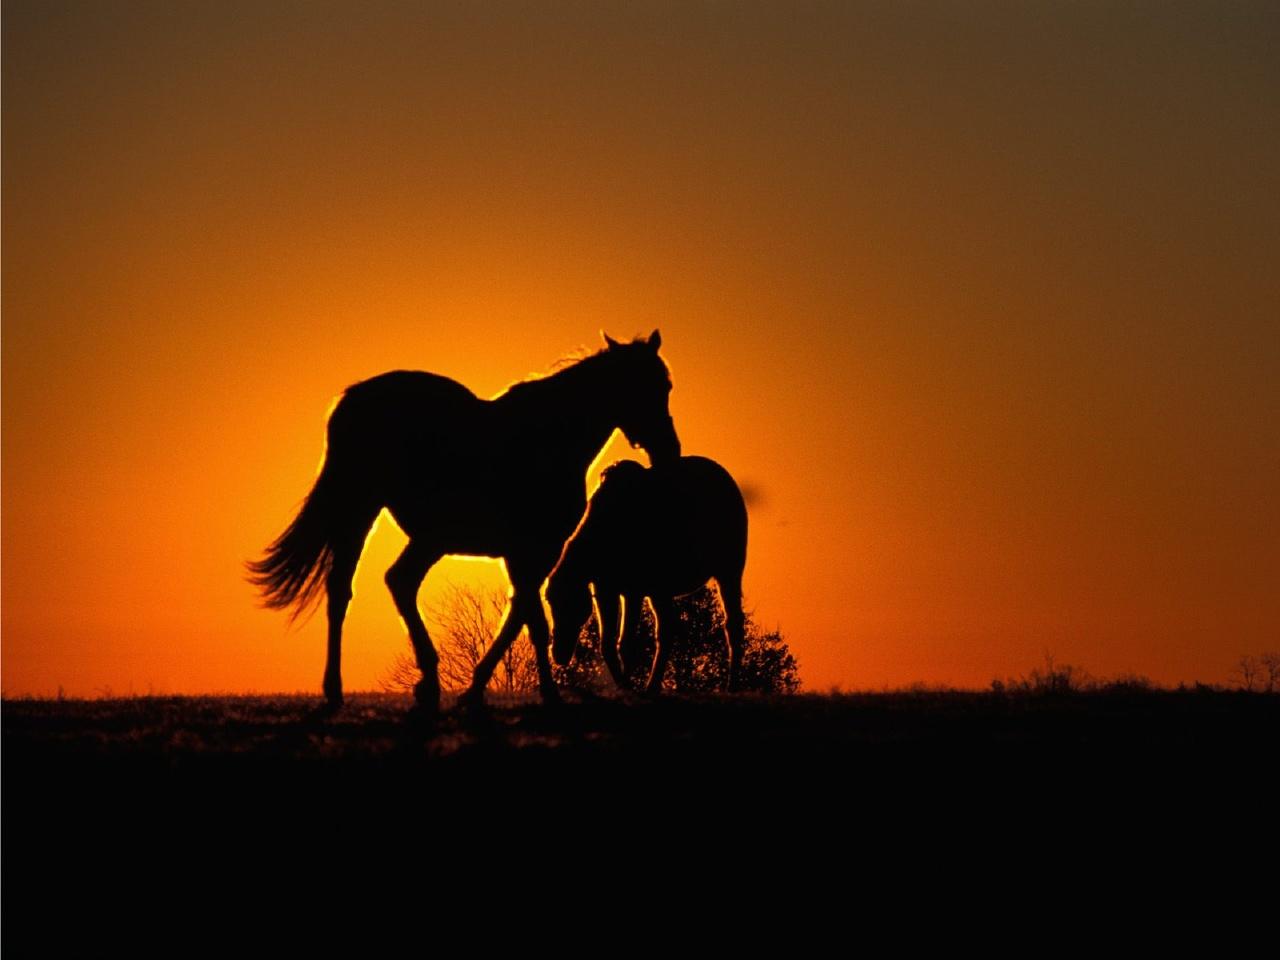 http://4.bp.blogspot.com/-hCOKYi0Q4WY/TxeSayf1vdI/AAAAAAAAIhc/QtOa2WmPqG0/s1600/papeis-de-parede-cavalos-wallpaper+%25288%2529.jpg